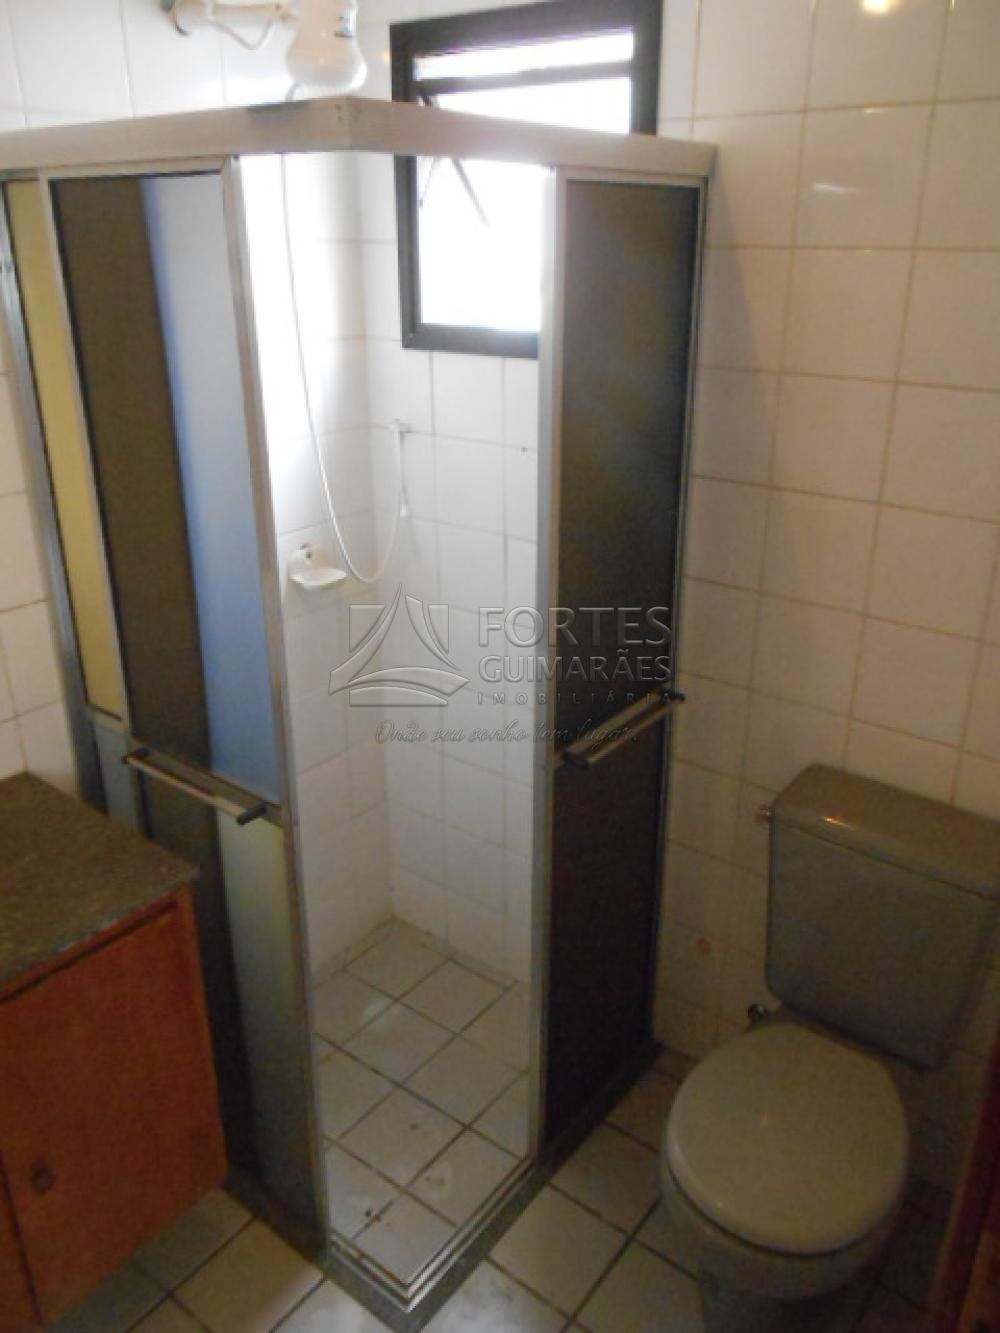 Alugar Apartamentos / Padrão em Ribeirão Preto apenas R$ 700,00 - Foto 16